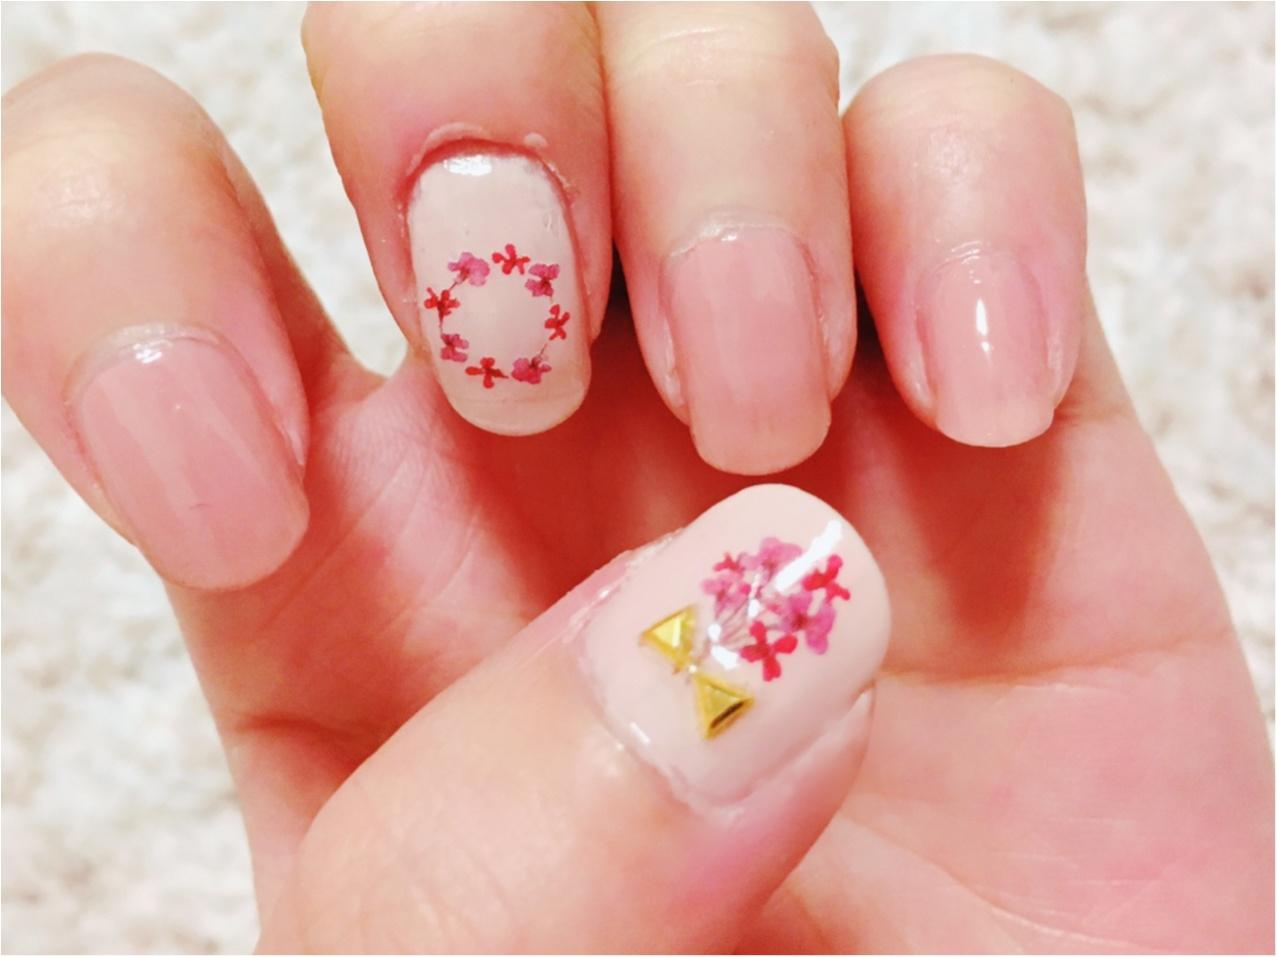 【キャンドゥ】ほぼ100均で春ネイル❤︎押し花ネイルがかわいい!_4